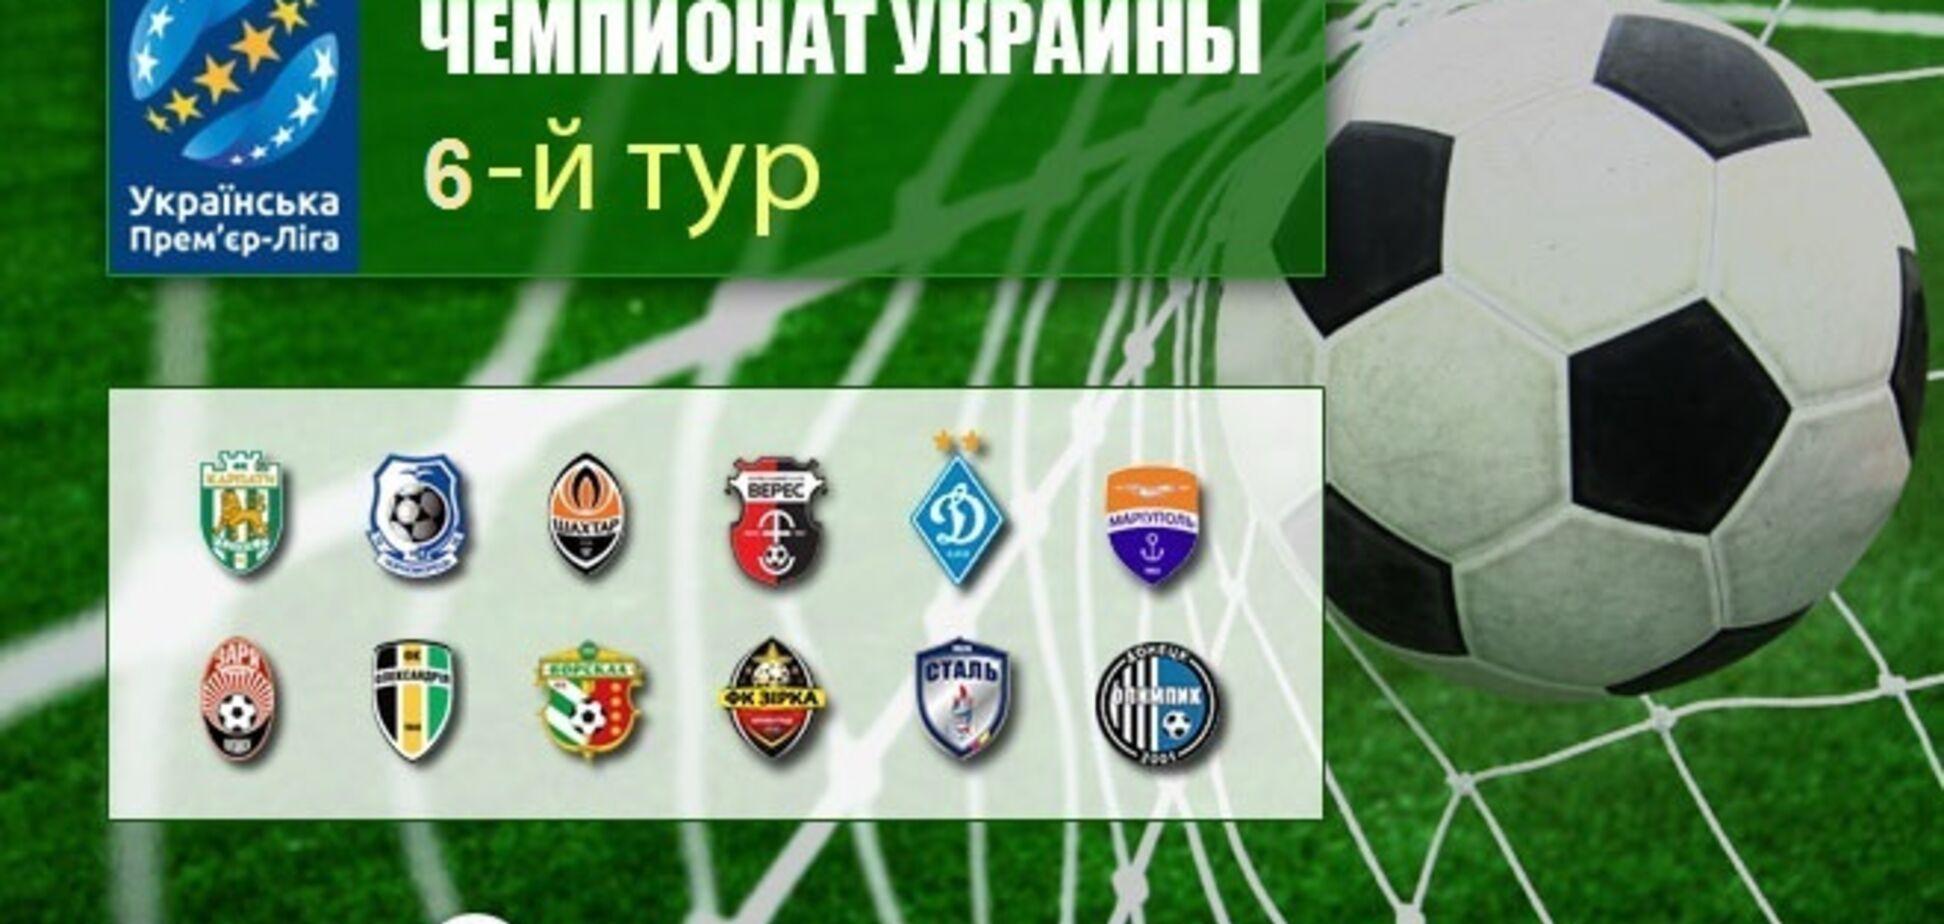 6-й тур чемпионата Украины по футболу: результаты, обзоры, турнирная таблица